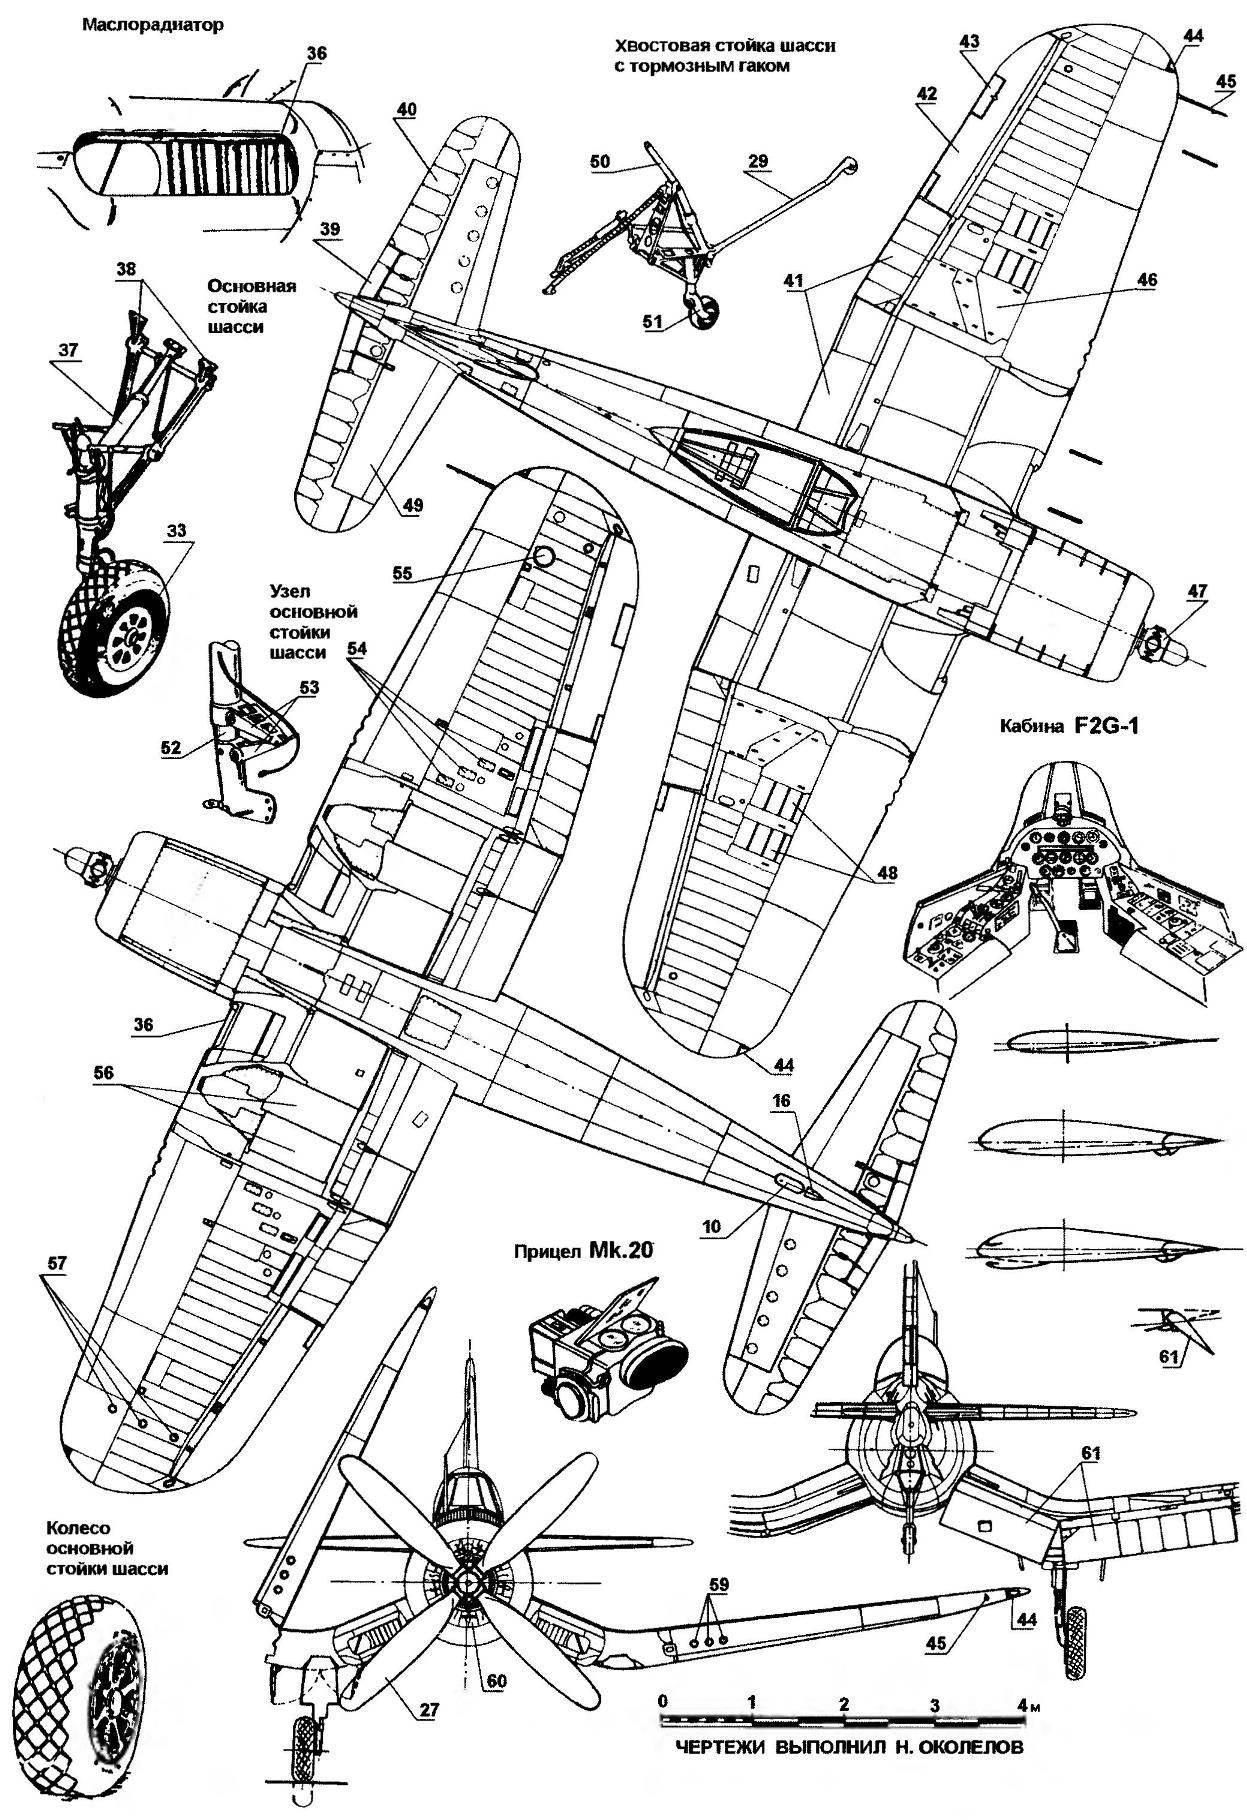 Палубный истребитель GOODYEAR F2G SUPERCORSAIR